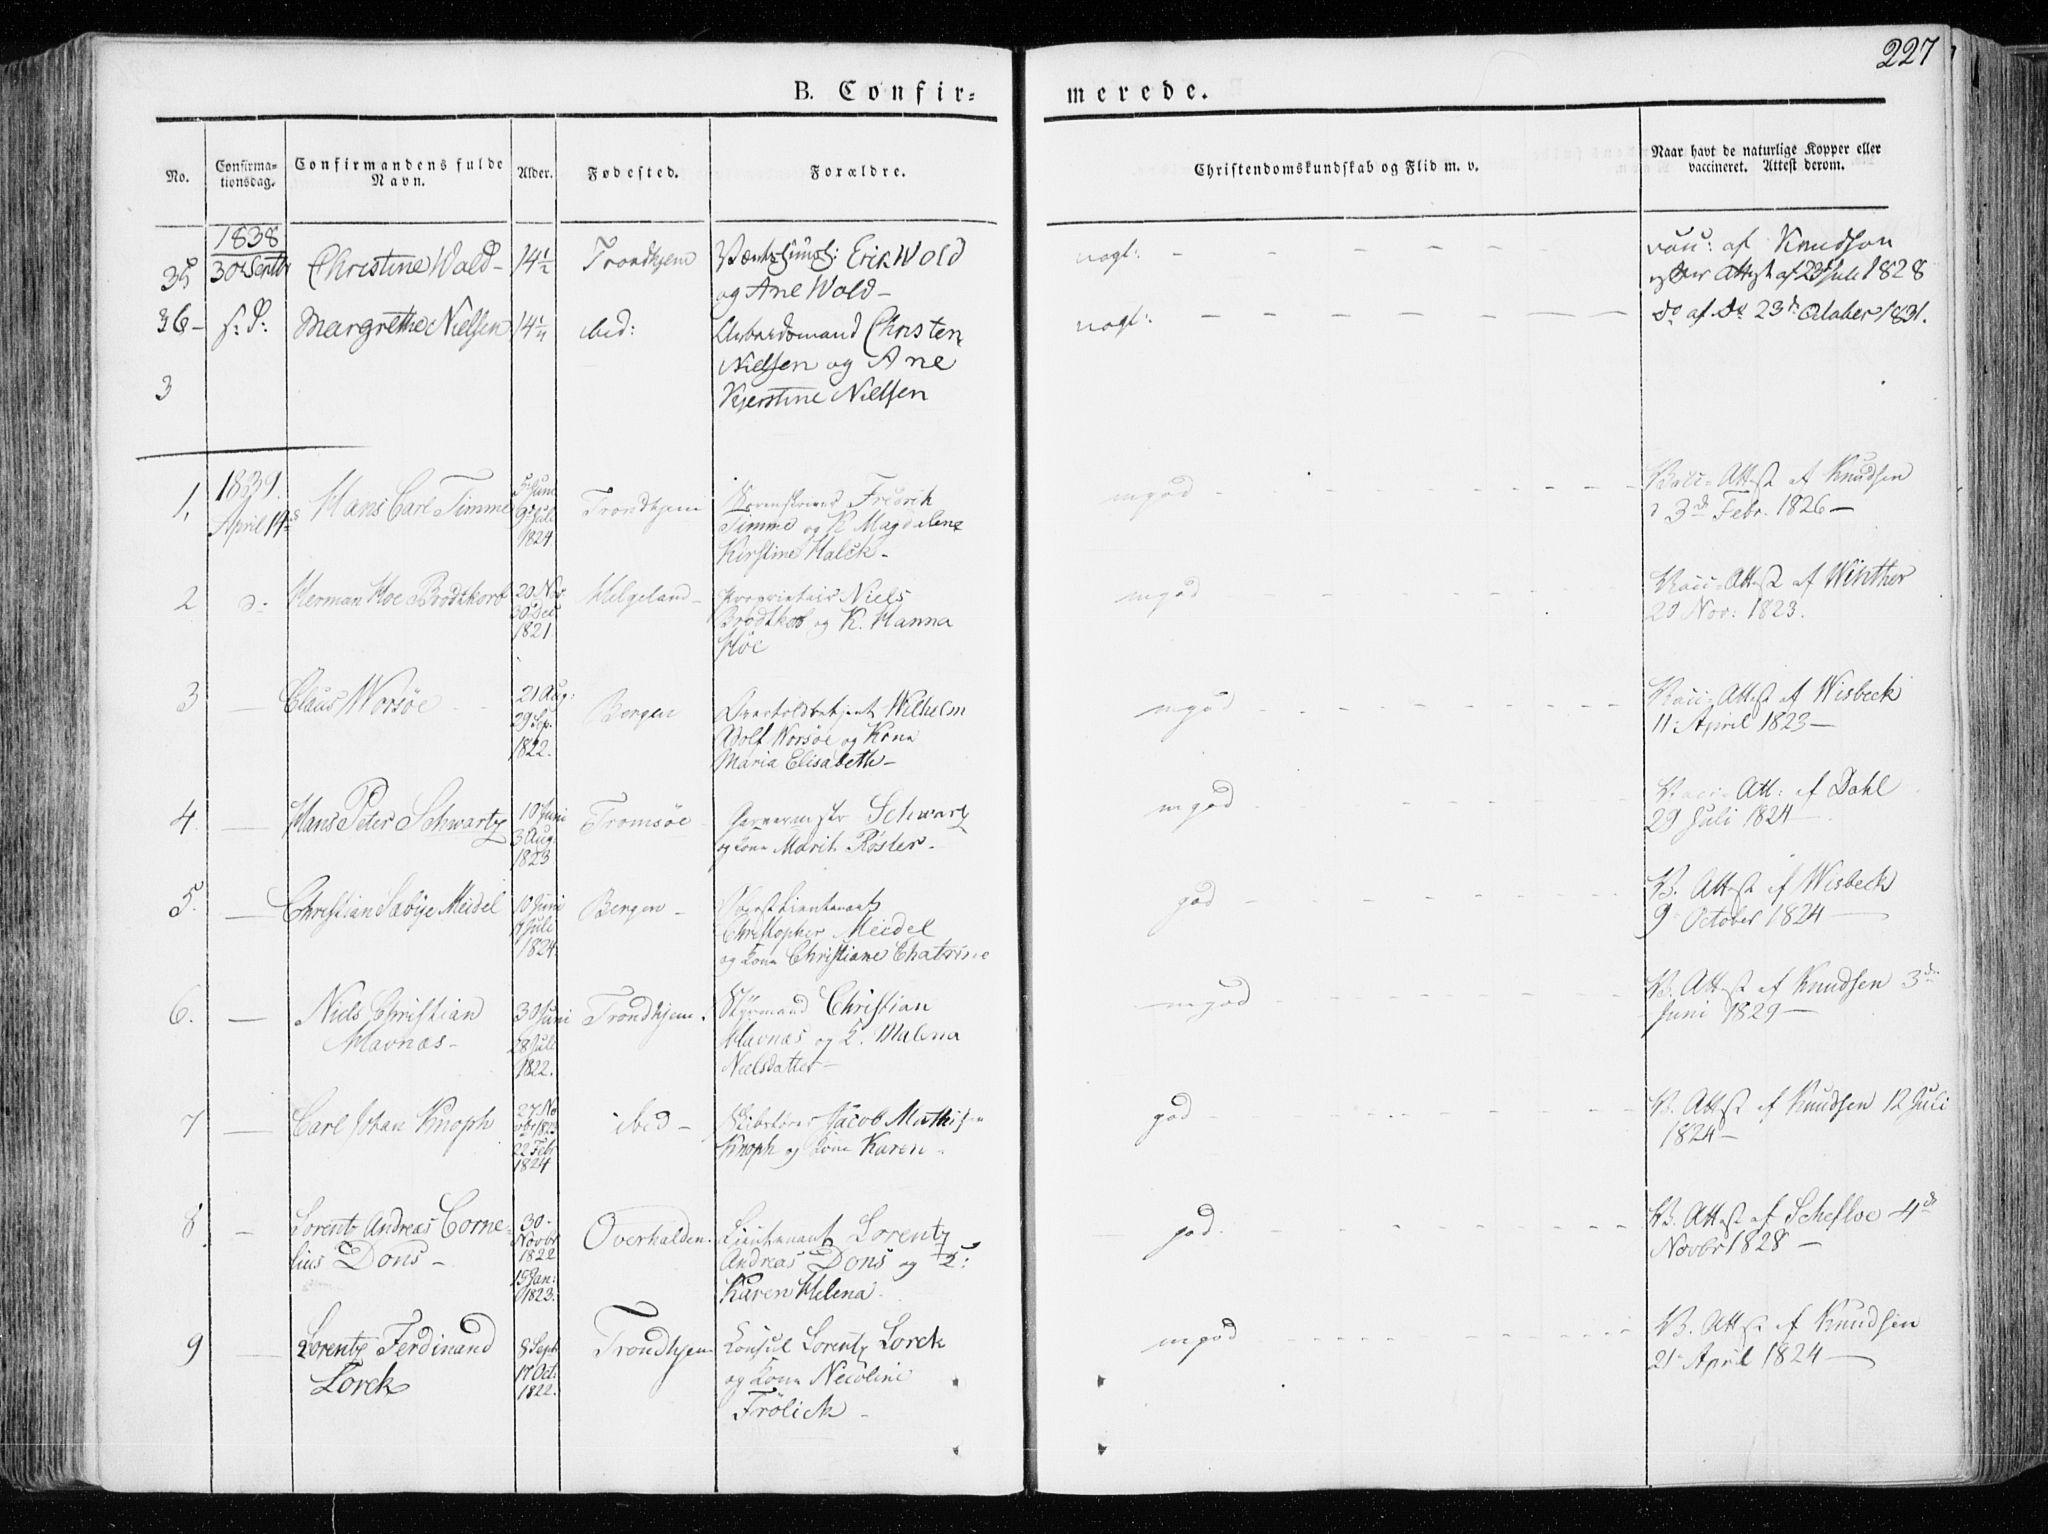 SAT, Ministerialprotokoller, klokkerbøker og fødselsregistre - Sør-Trøndelag, 601/L0047: Ministerialbok nr. 601A15, 1831-1839, s. 227